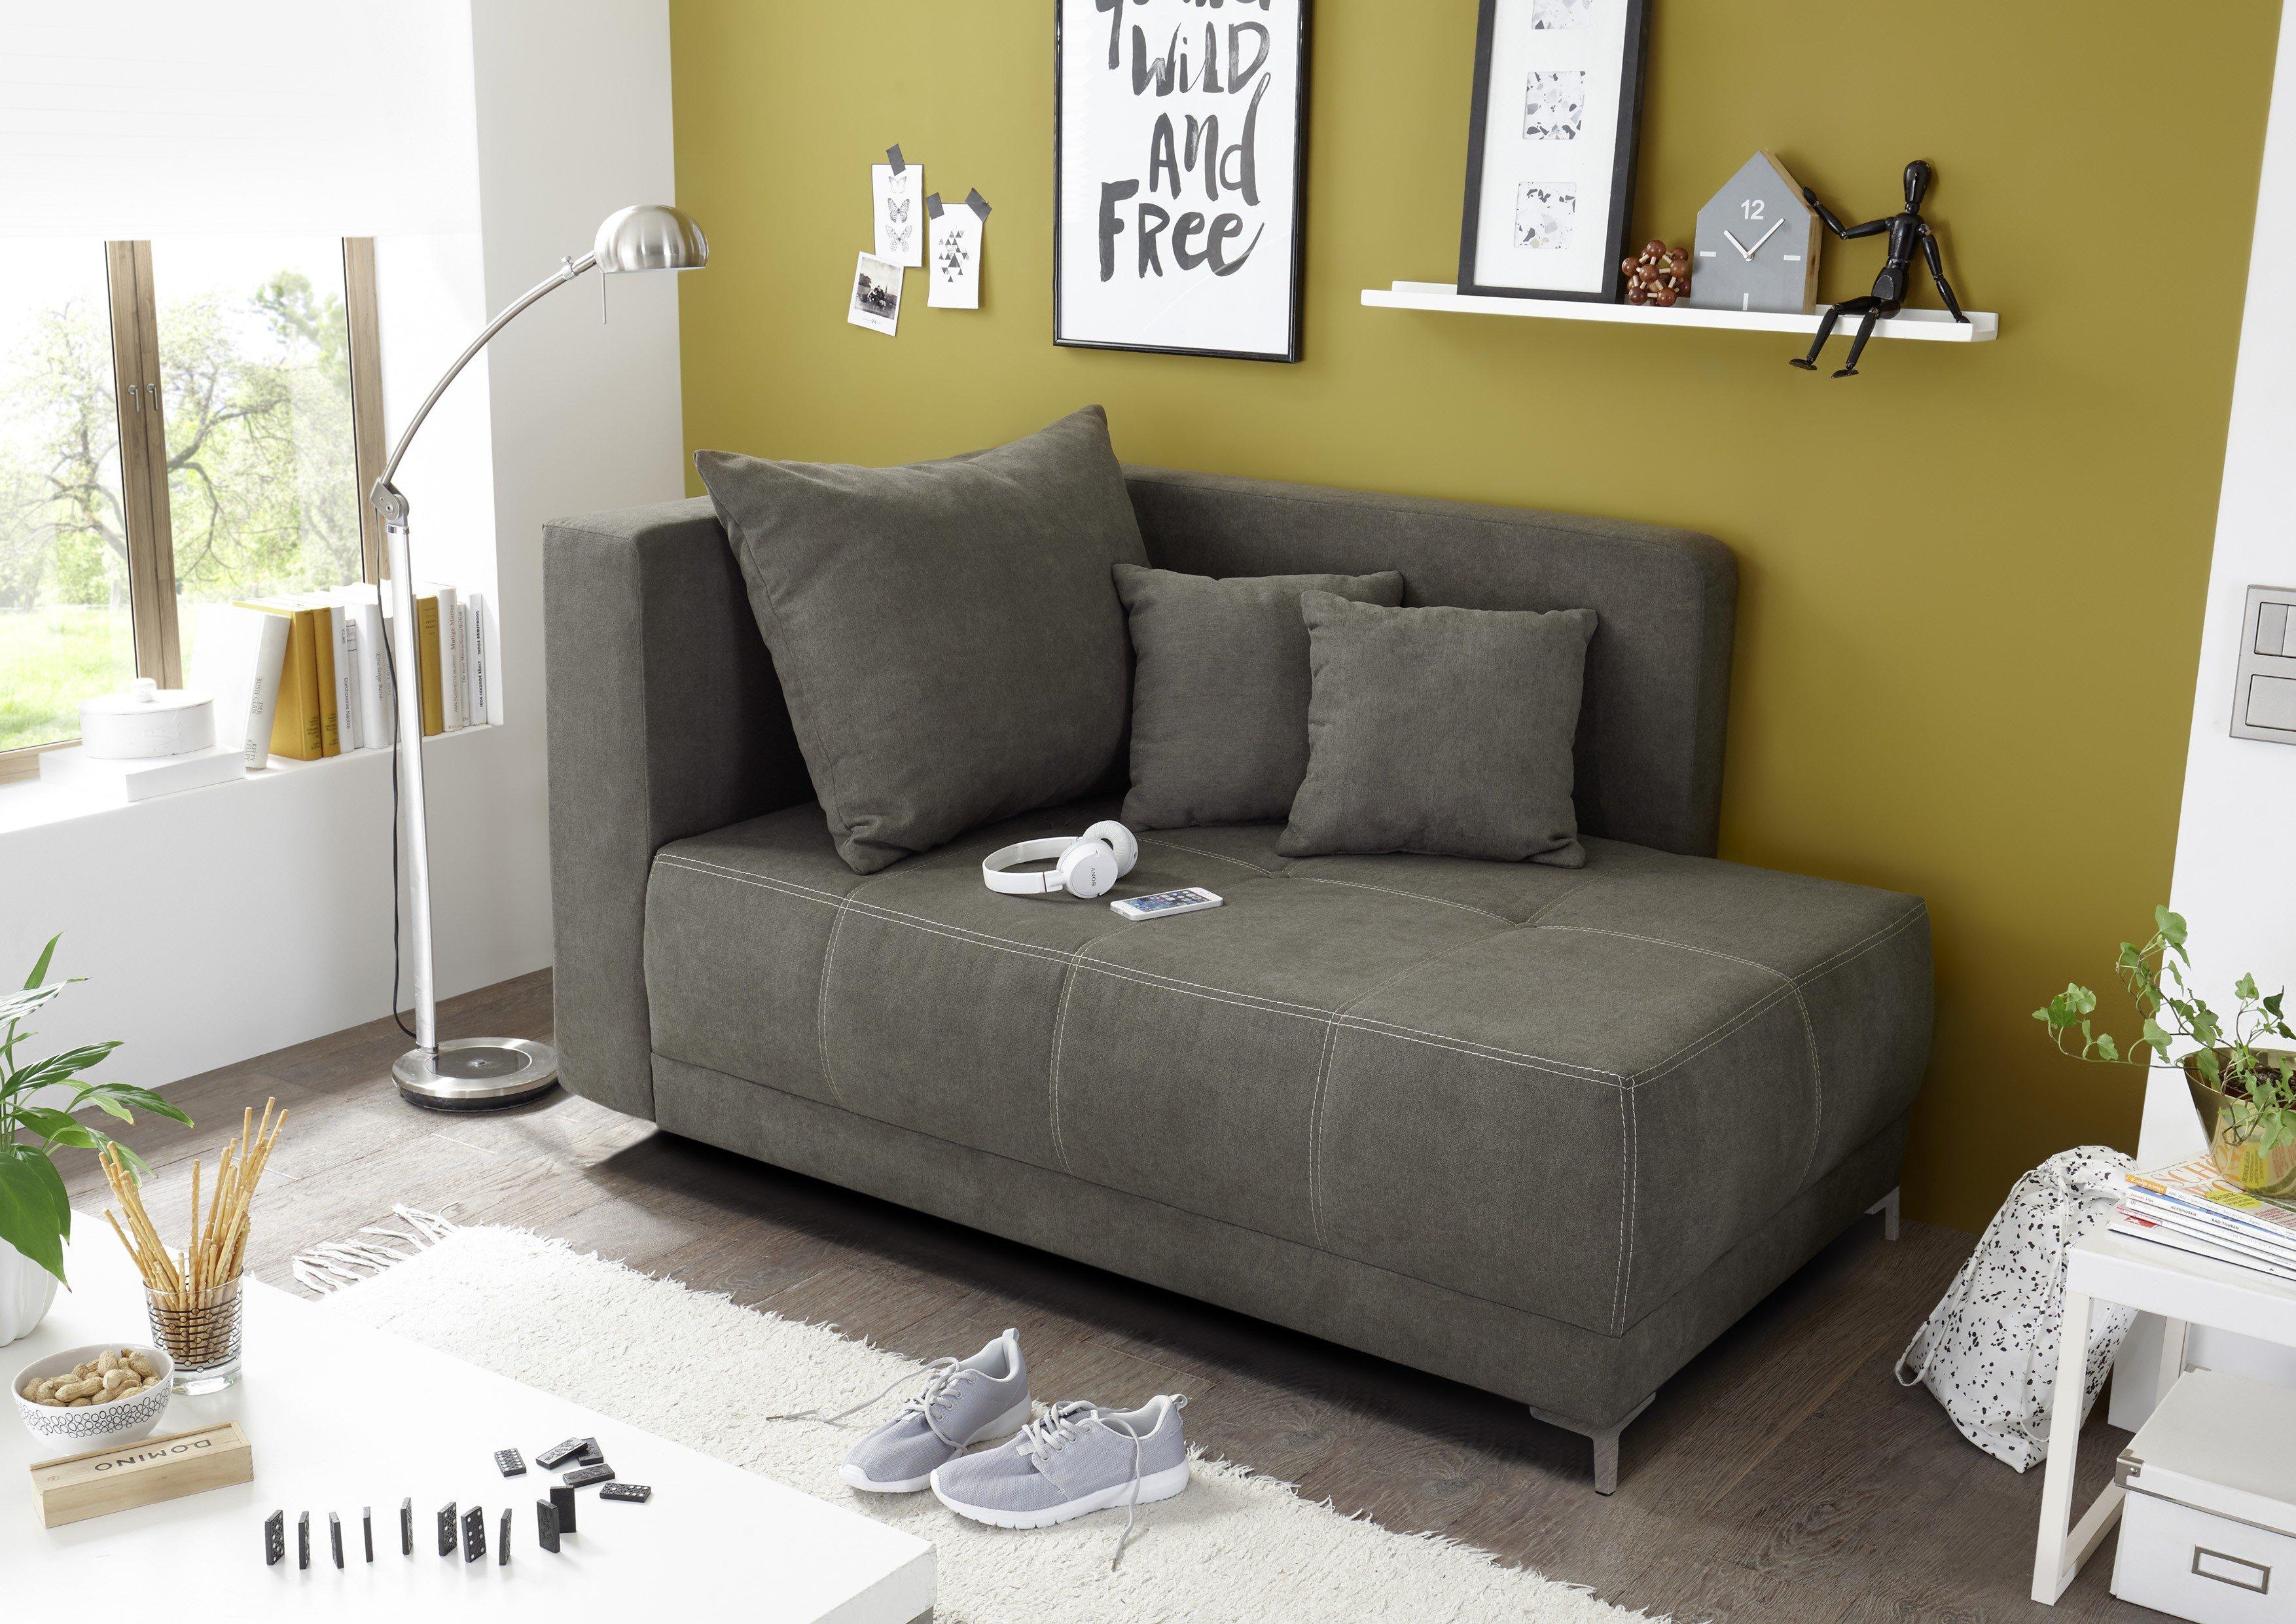 black red white einzelliege marlene stone mit bettkasten m bel letz ihr online shop. Black Bedroom Furniture Sets. Home Design Ideas